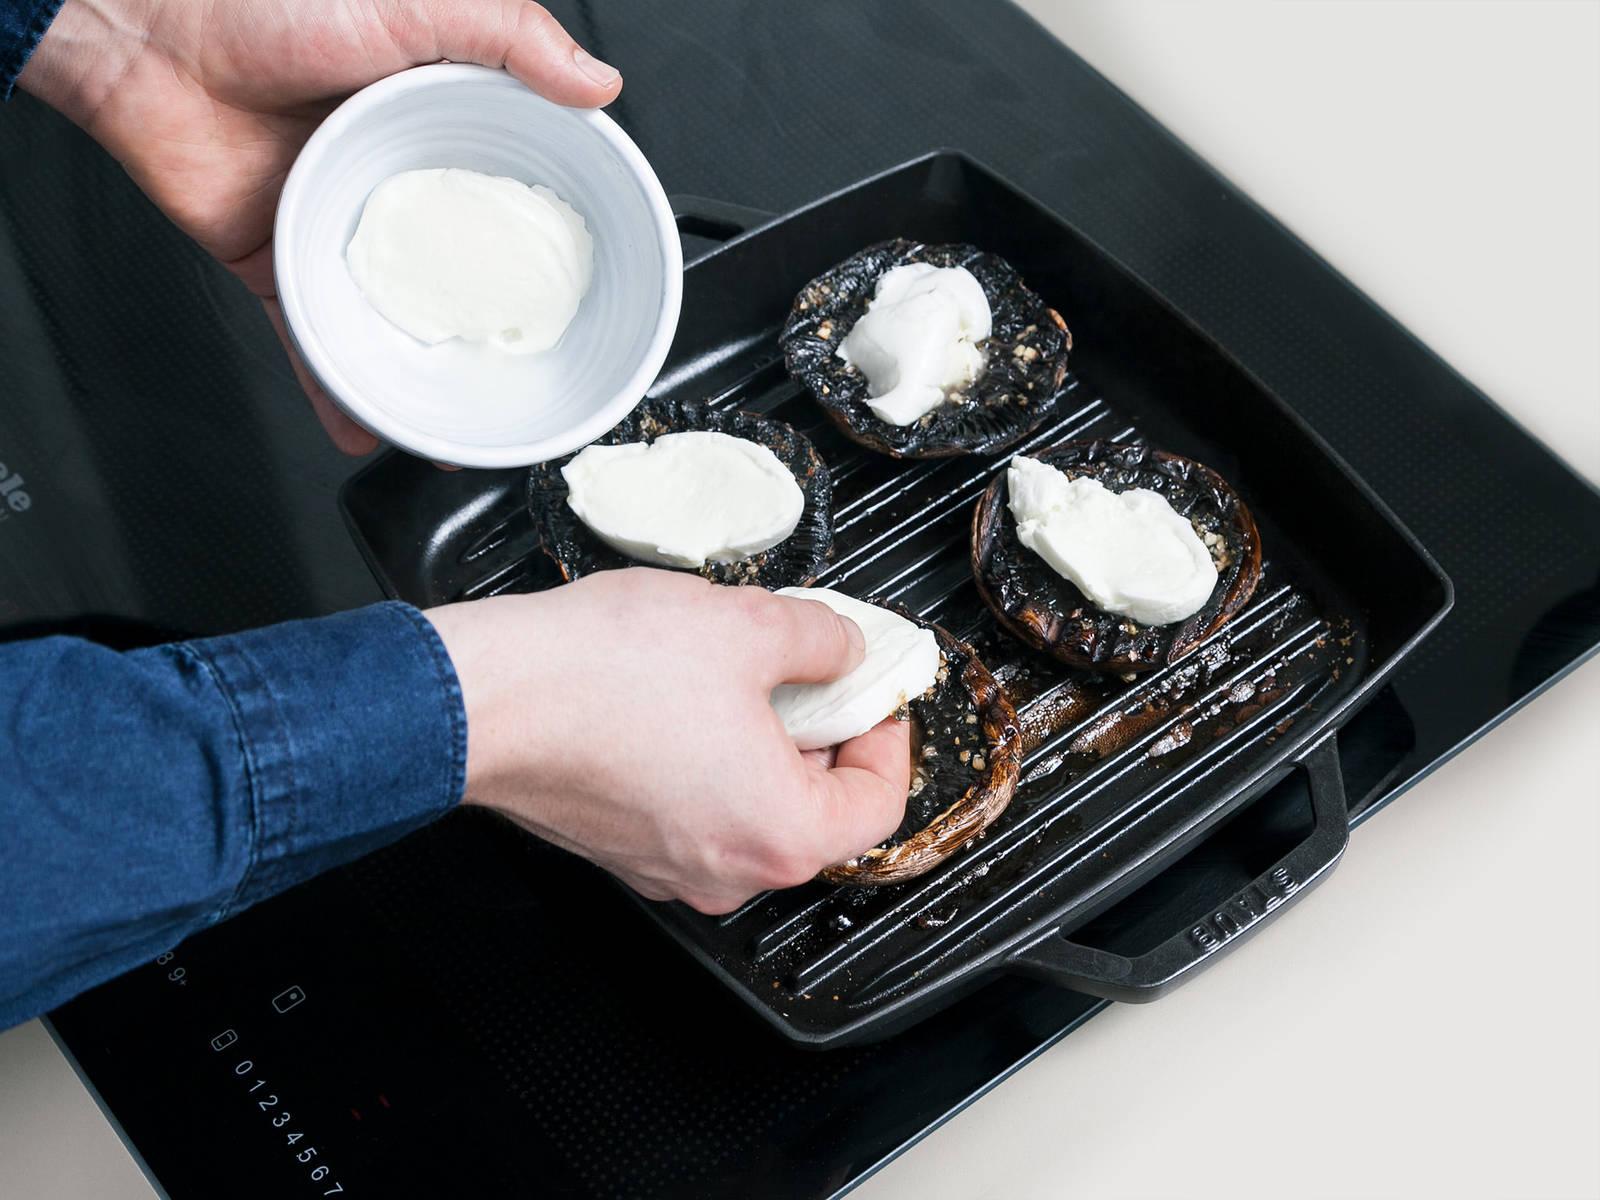 中高火加热烧烤平底锅,烤汉堡面包。烤好后置于一旁待用。将蘑菇带皮一面朝上地放入锅中,煎烤2分钟。翻面,放上马苏里拉奶酪片,再煎2分钟。